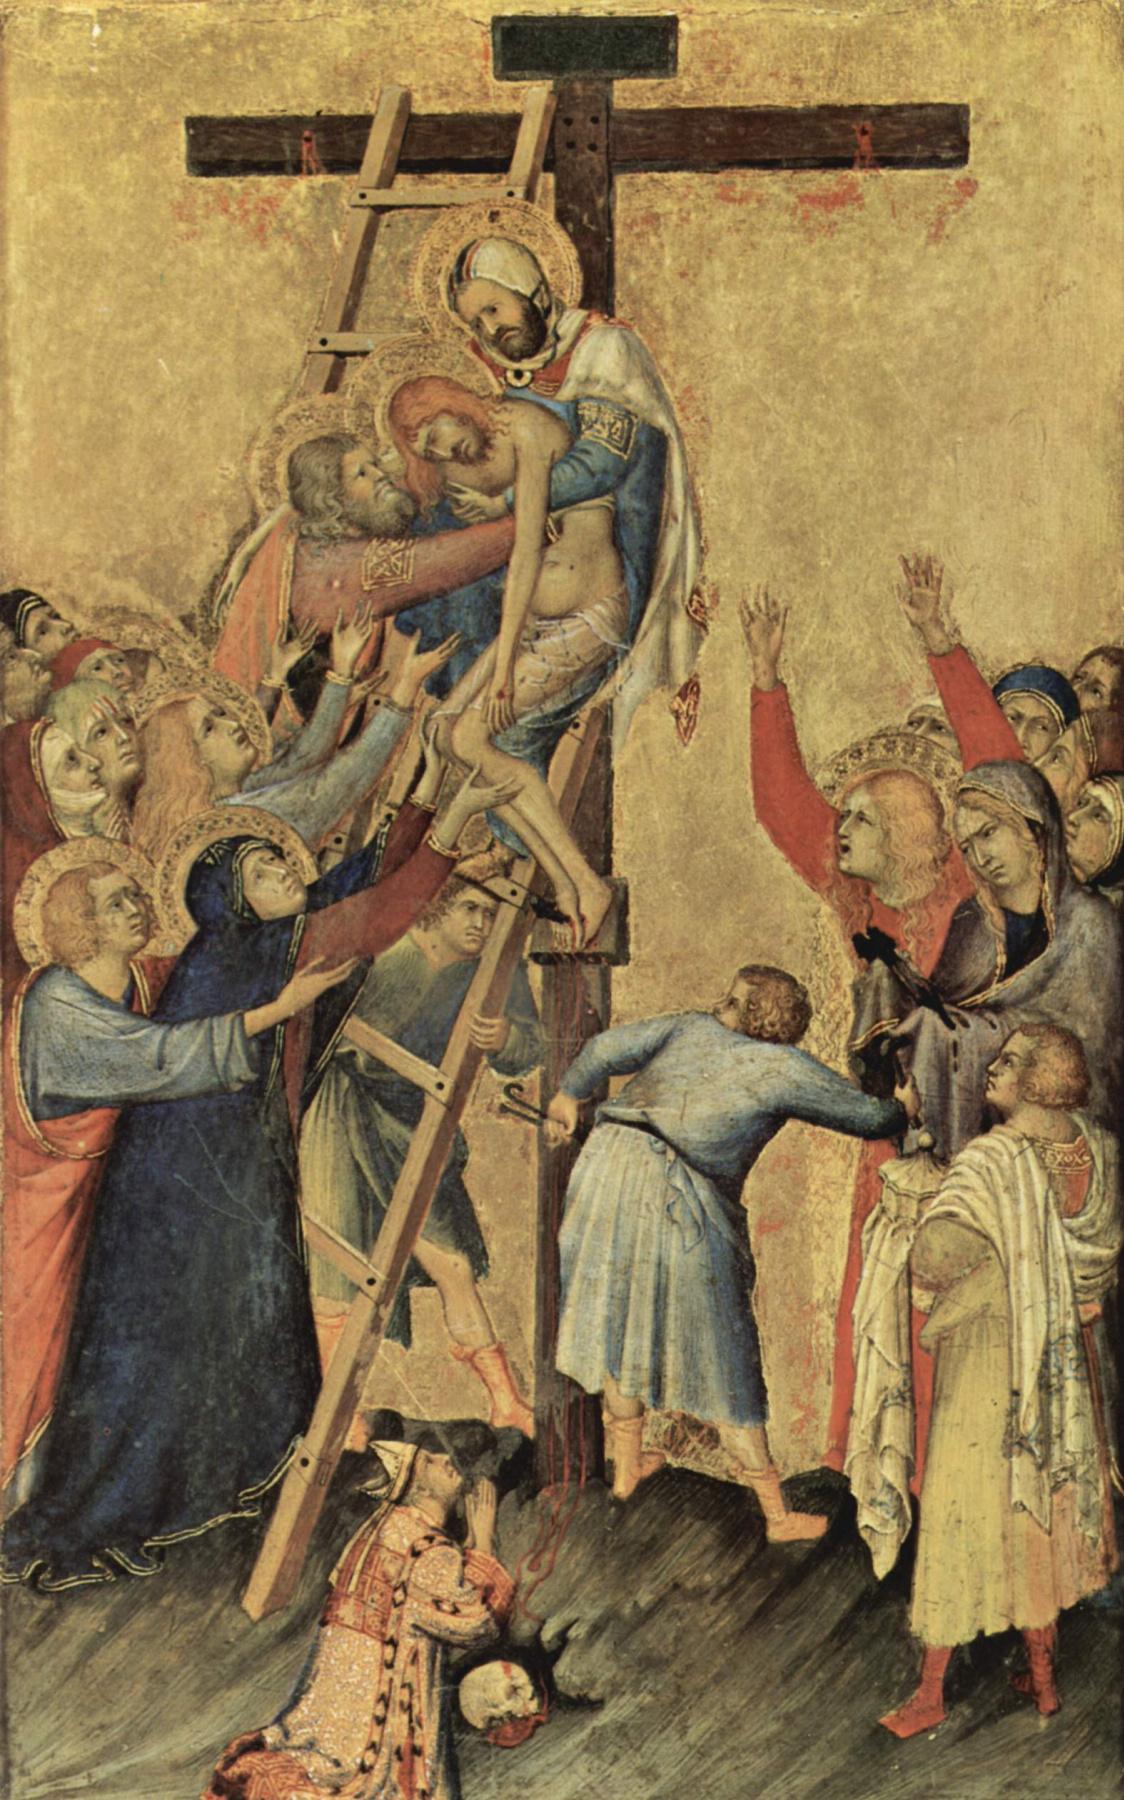 Simone Martini. The Altar Orsini. The descent from the cross